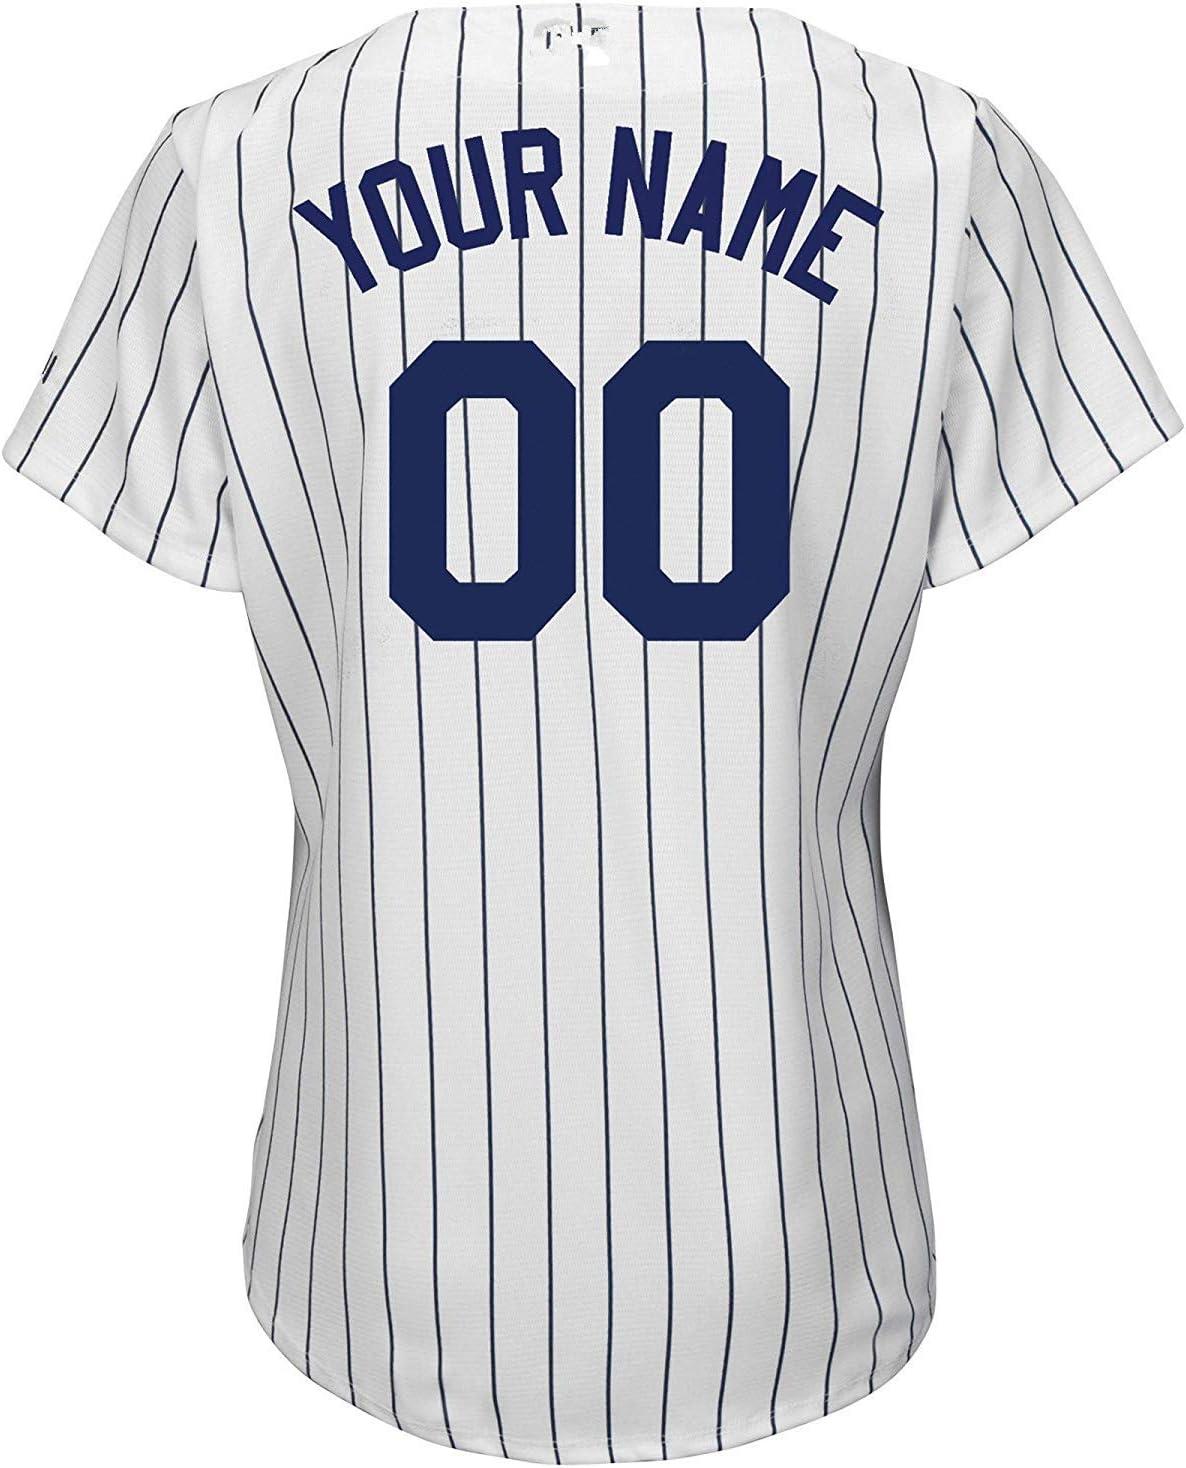 Showcool - Camiseta de béisbol para Hombre y Mujer